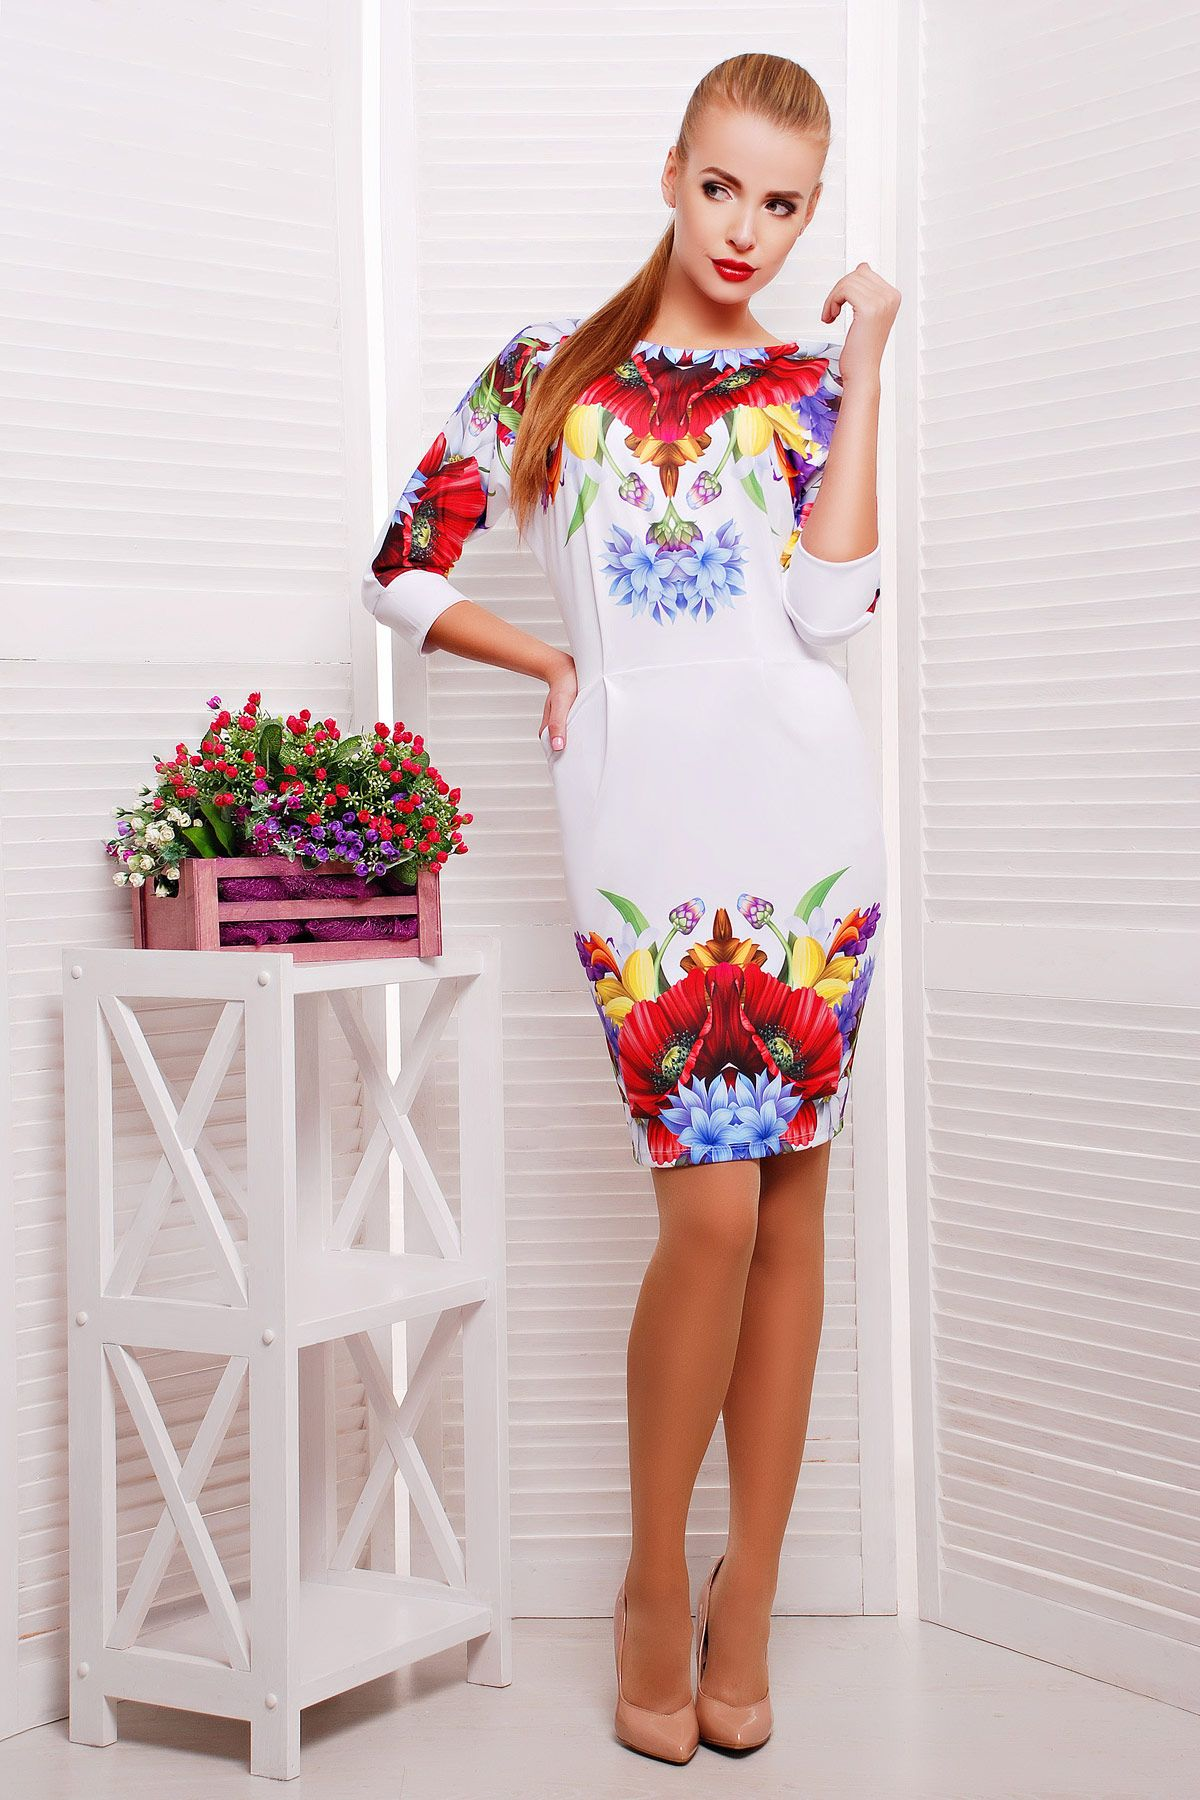 Белое платье с цветами Маки платье Эльза д р. Цвет  принт   Женские ... f9954761733